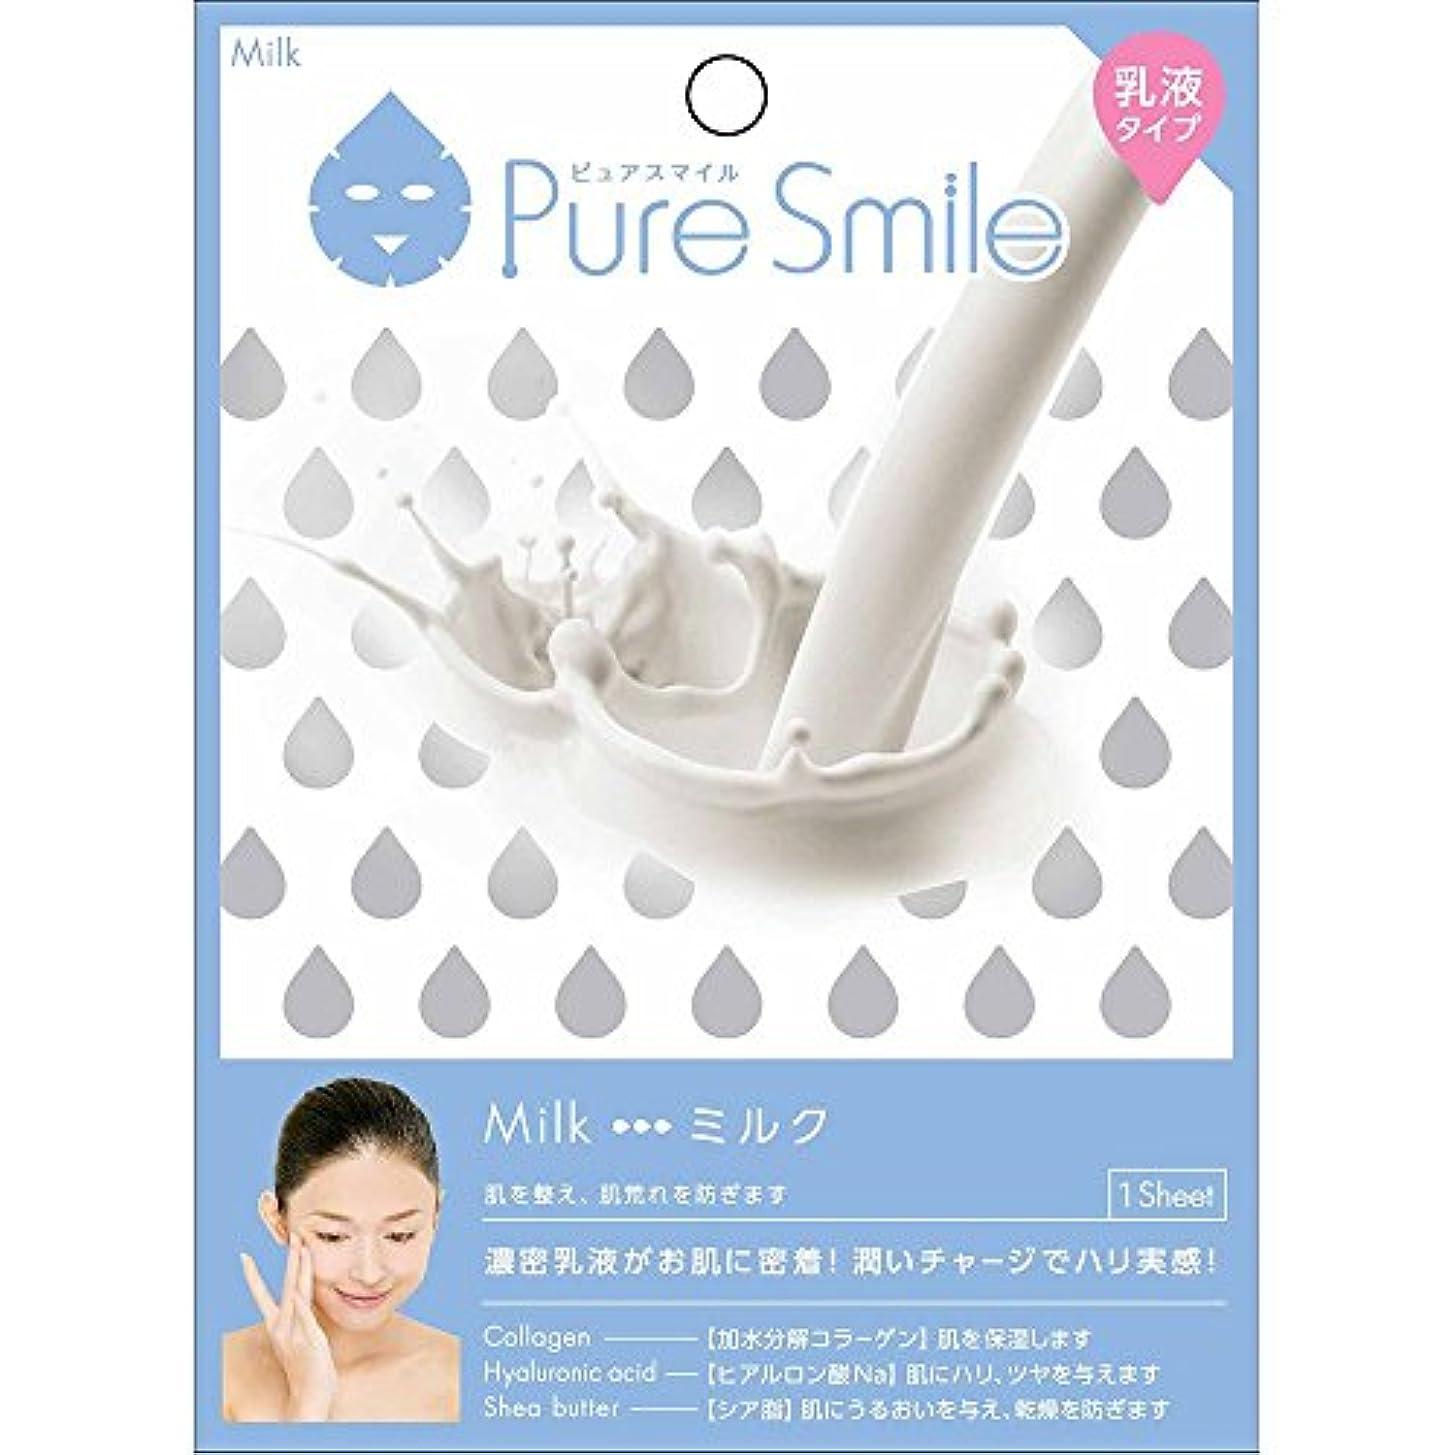 ブロックフランクワースリー素晴らしさPure Smile(ピュアスマイル) 乳液エッセンスマスク 1 枚 ミルク